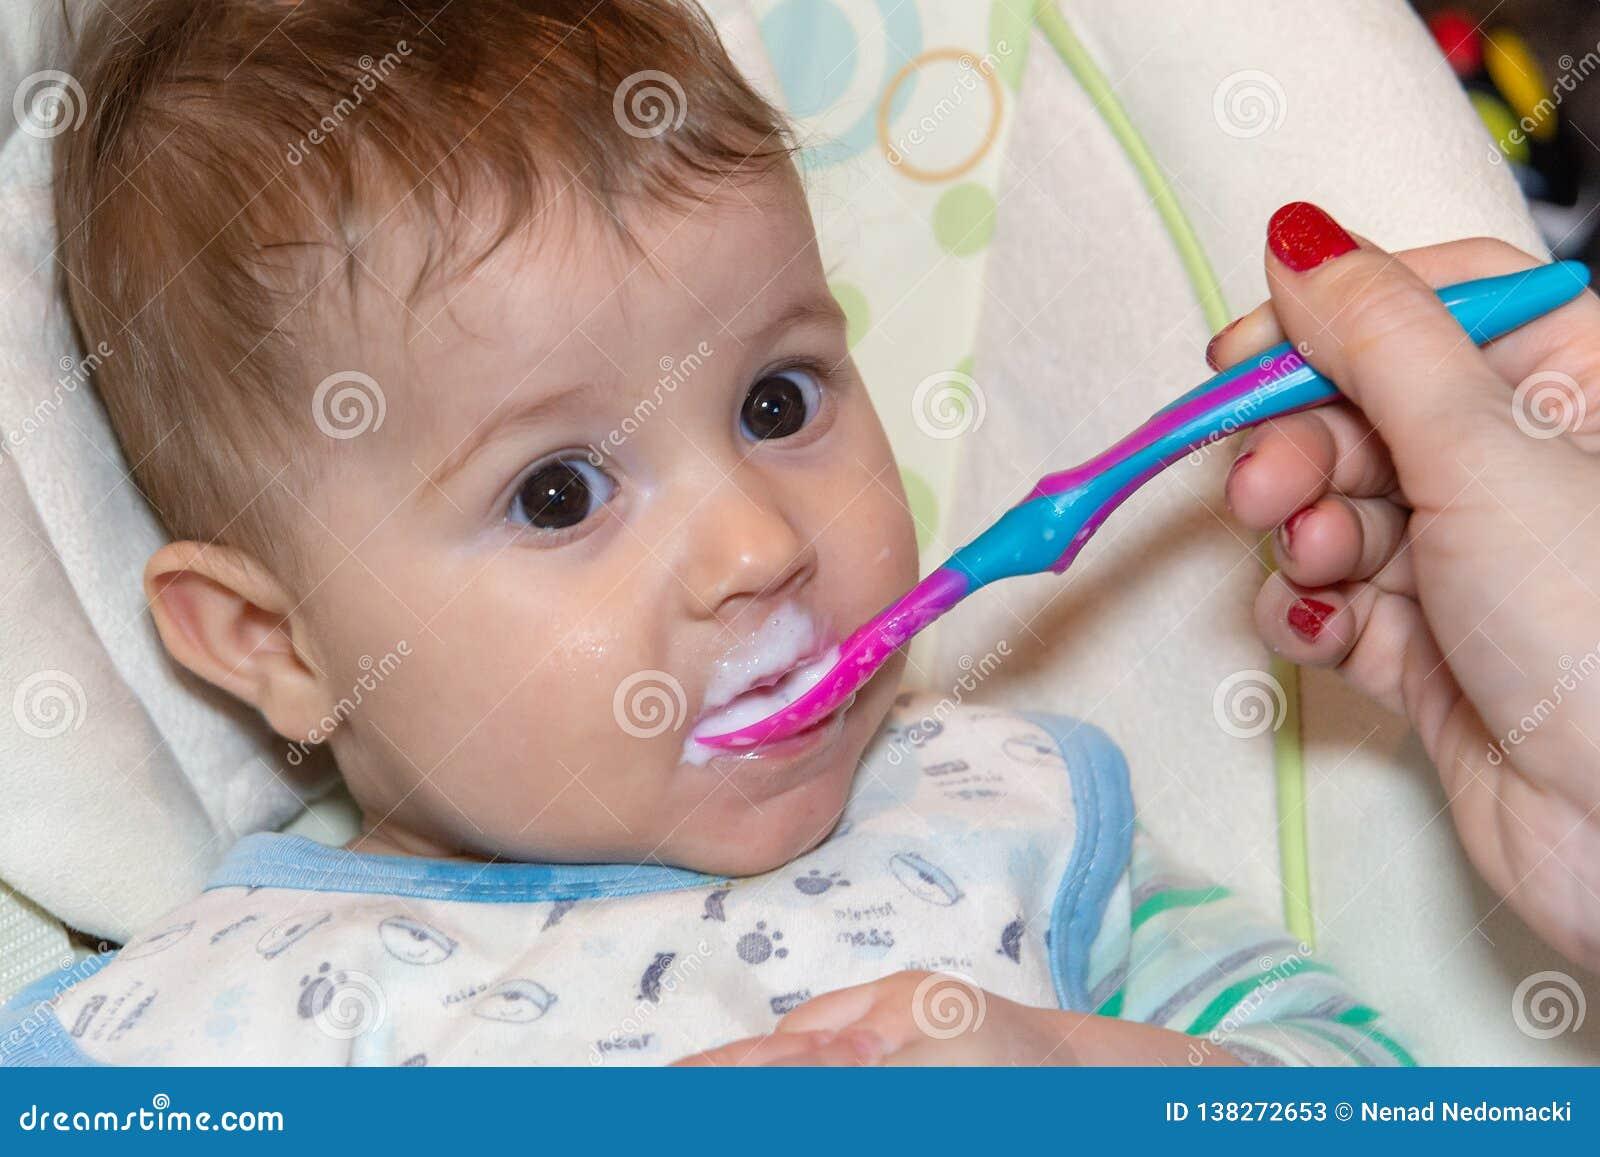 El bebé come la comida sólida por primera vez